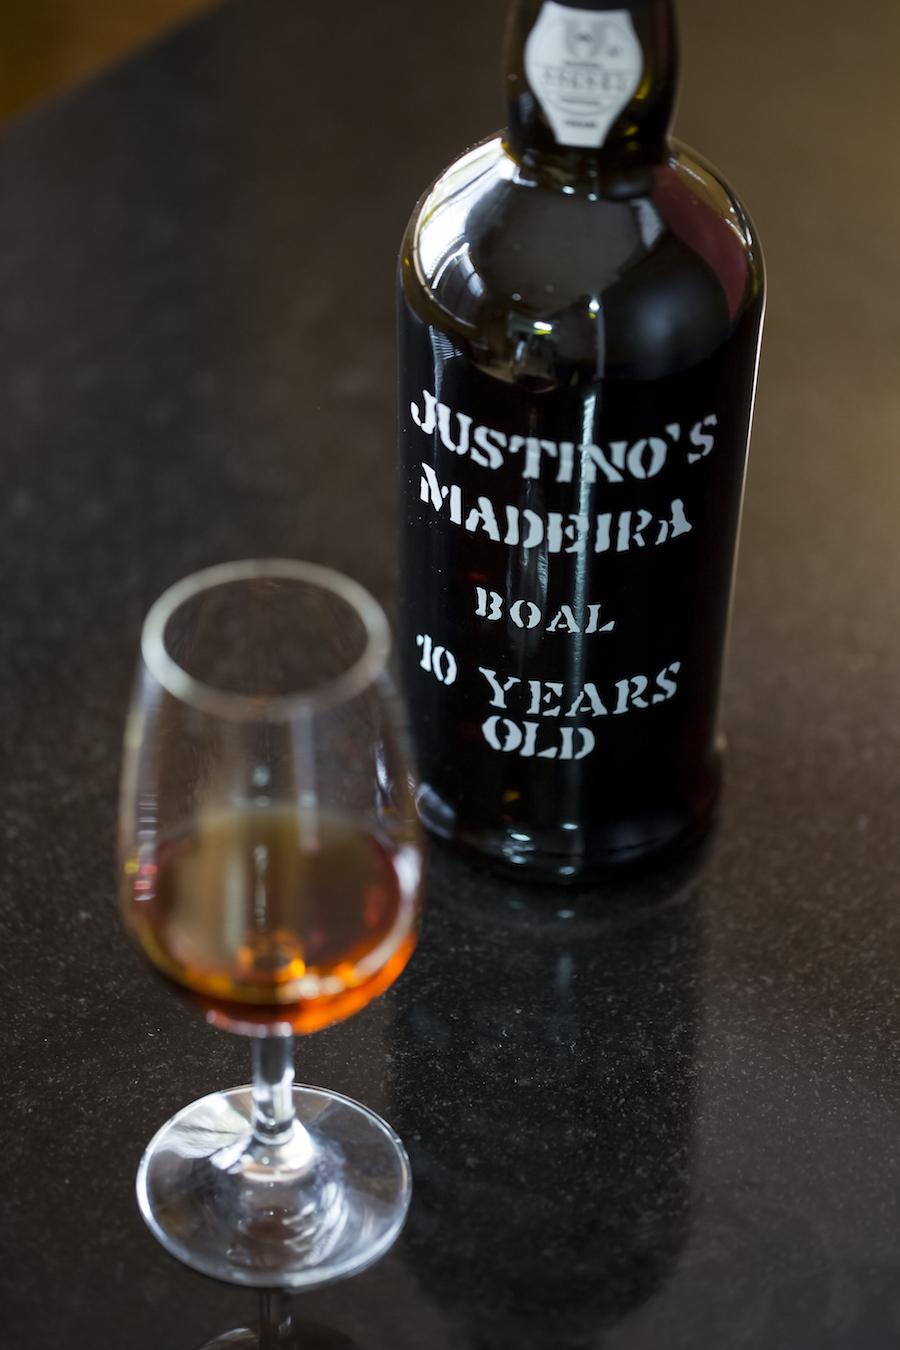 """Justino's er en af de """"store"""" producenter på Madeira, og de gør det rigtig godt."""